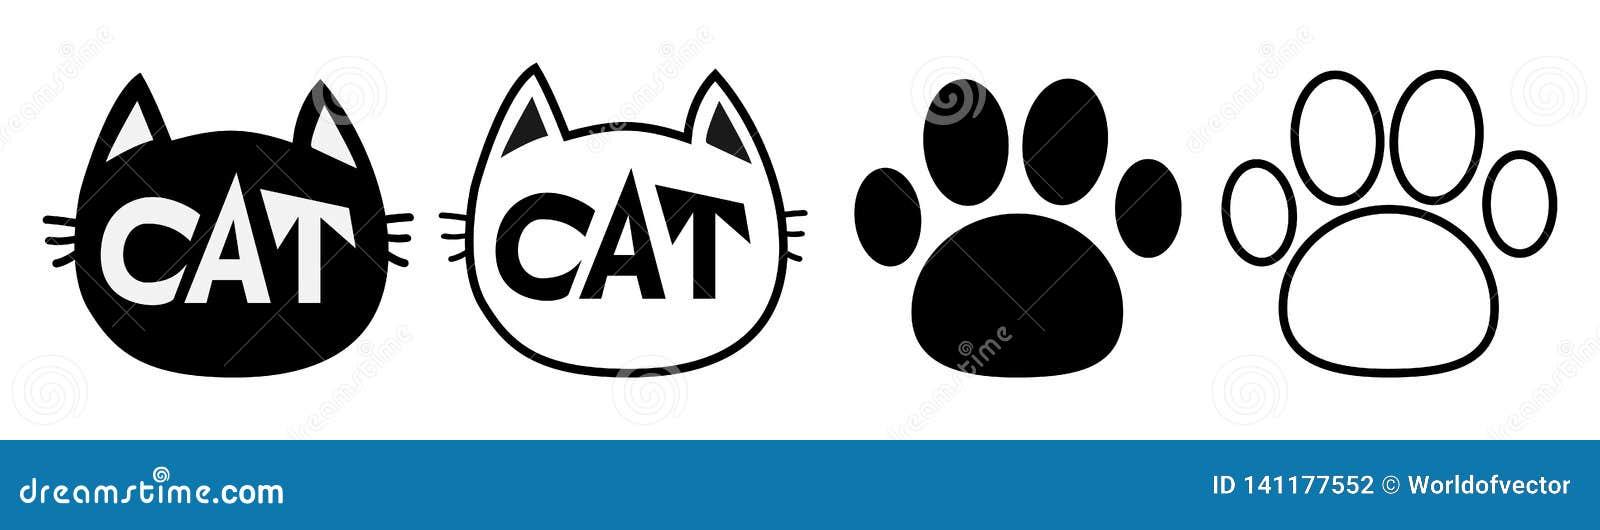 Linha principal do grupo do ícone da silhueta do contorno da cara do gato preto pictogram Trilha vazia da cópia da pata do molde